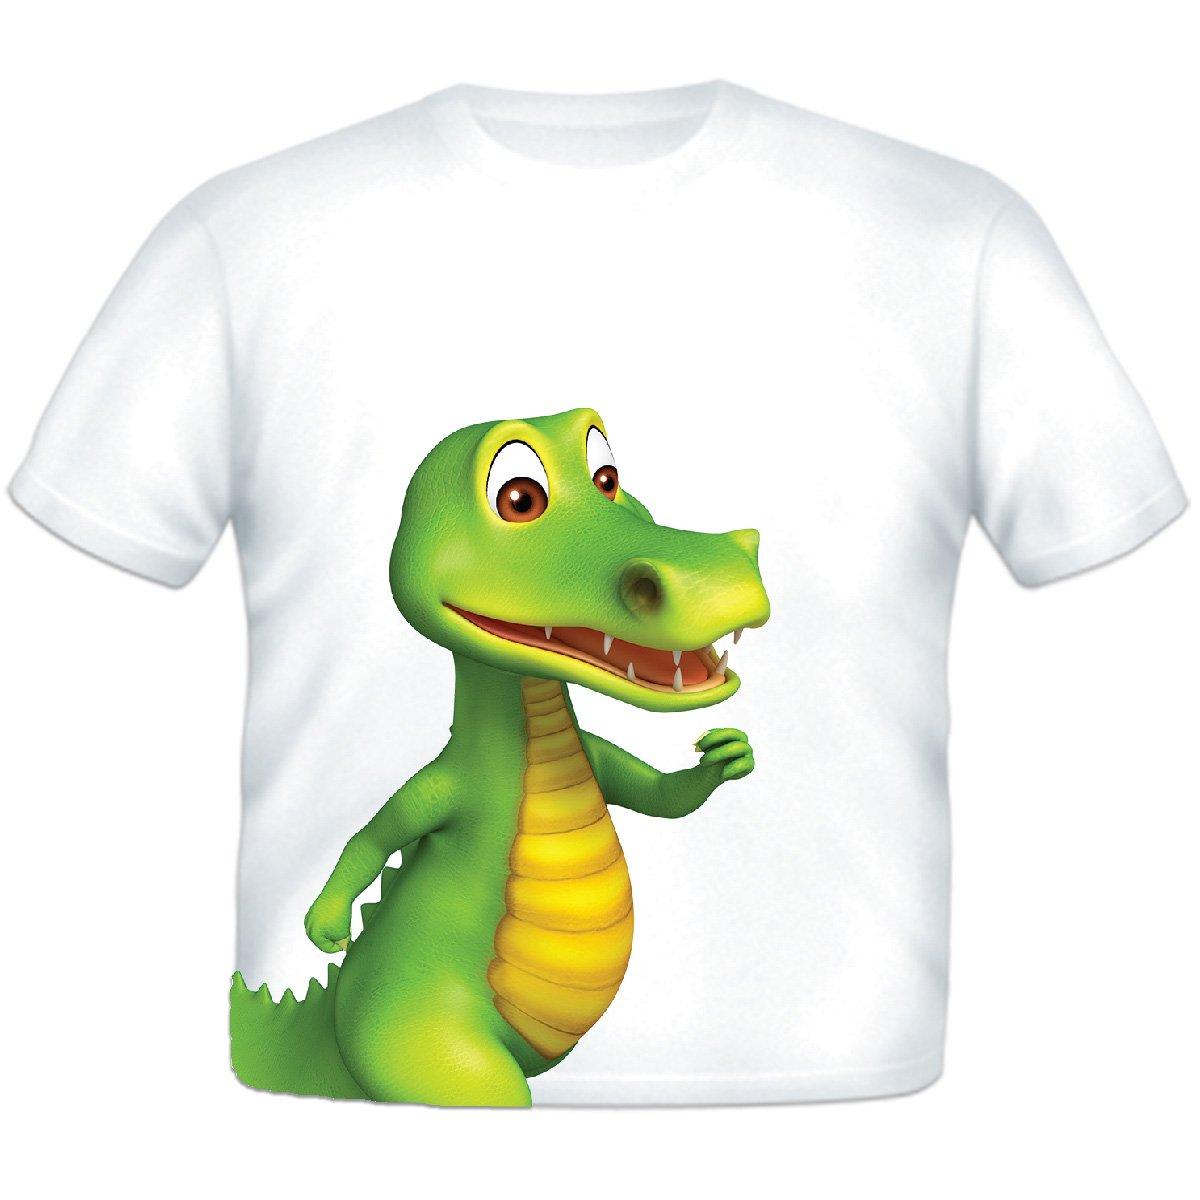 Alligator Sidekick Toddler T-shirt